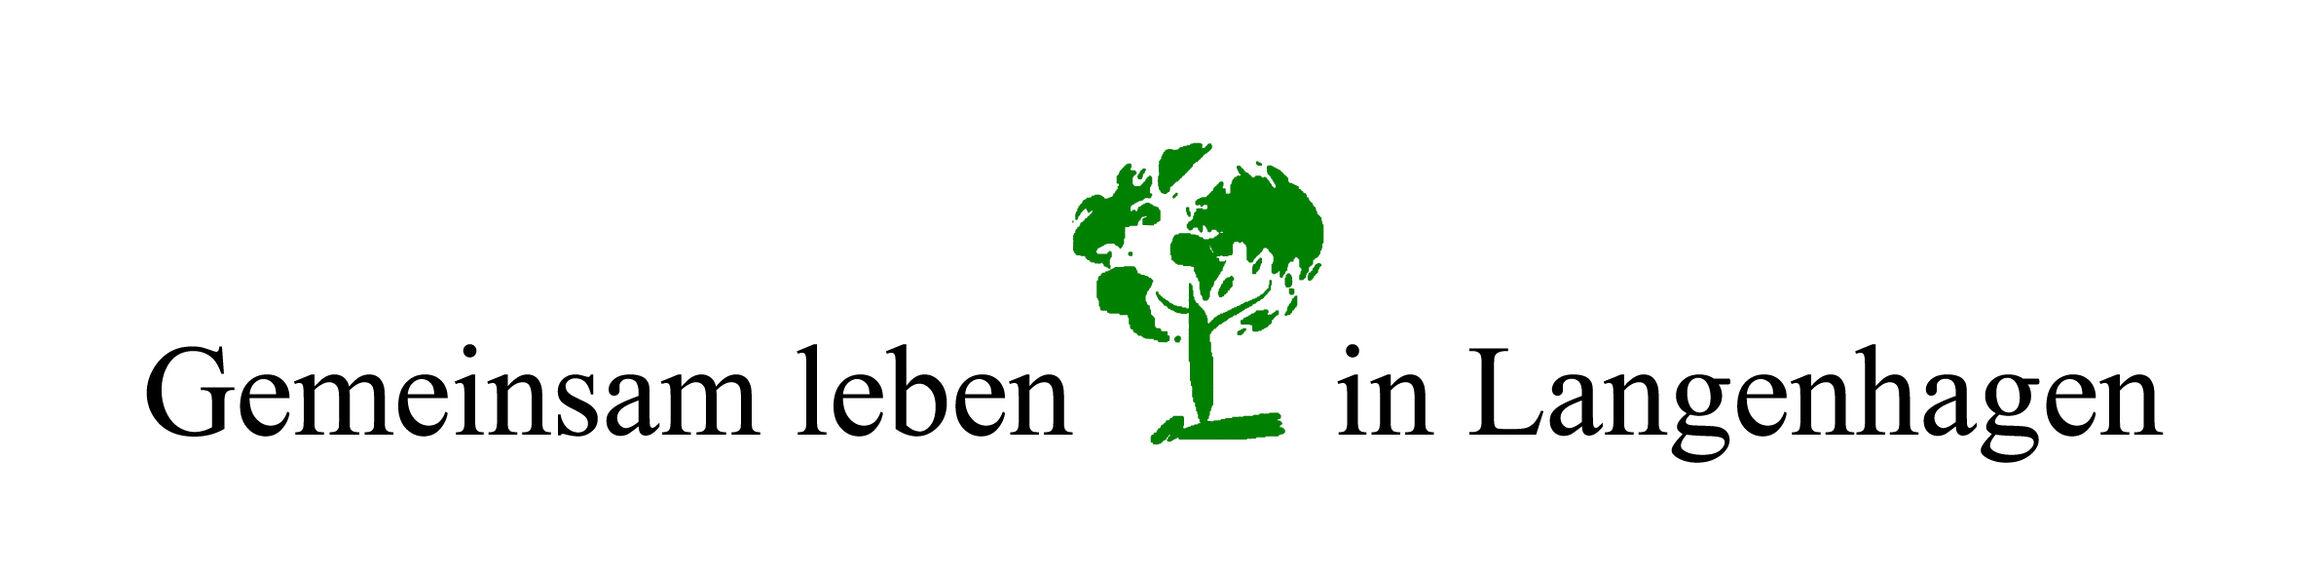 Vereinslogo - Gemeinsam Leben in Langenhagen, Dia-Dem